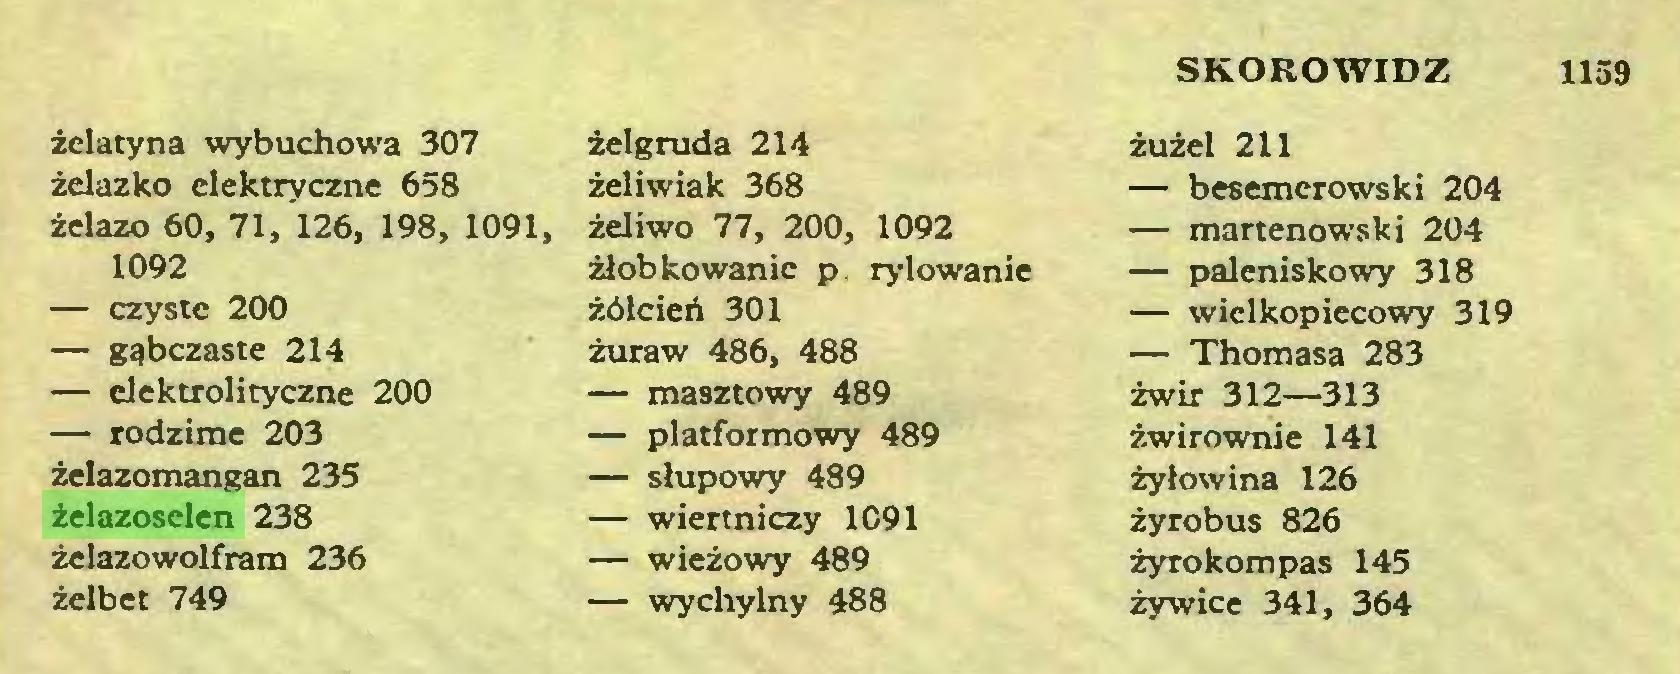 (...) SKOROWIDZ 1159 żelatyna wybuchowa 307 żelazko elektryczne 658 żelazo 60, 71, 126, 198, 1091, 1092 — czyste 200 — gąbczaste 214 — elektrolityczne 200 — rodzime 203 żelazomangan 235 żelazoselen 238 żelazowolfram 236 żelbet 749 żelgruda 214 żeliwiak 368 żeliwo 77, 200, 1092 żłobkowanie p rylowanie żółcień 301 żuraw 486, 488 — masztowy 489 — platformowy 489 — słupowy 489 — wiertniczy 1091 — wieżowy 489 — wychylny 488 żużel 211 — besemerowski 204 — martenowski 204 — paleniskowy 318 — wielkopiecowy 319 — Thomasa 283 żwir 312—313 żwirownie 141 żyłowina 126 żyrobus 826 żyro kom pas 145 żywice 341, 364...